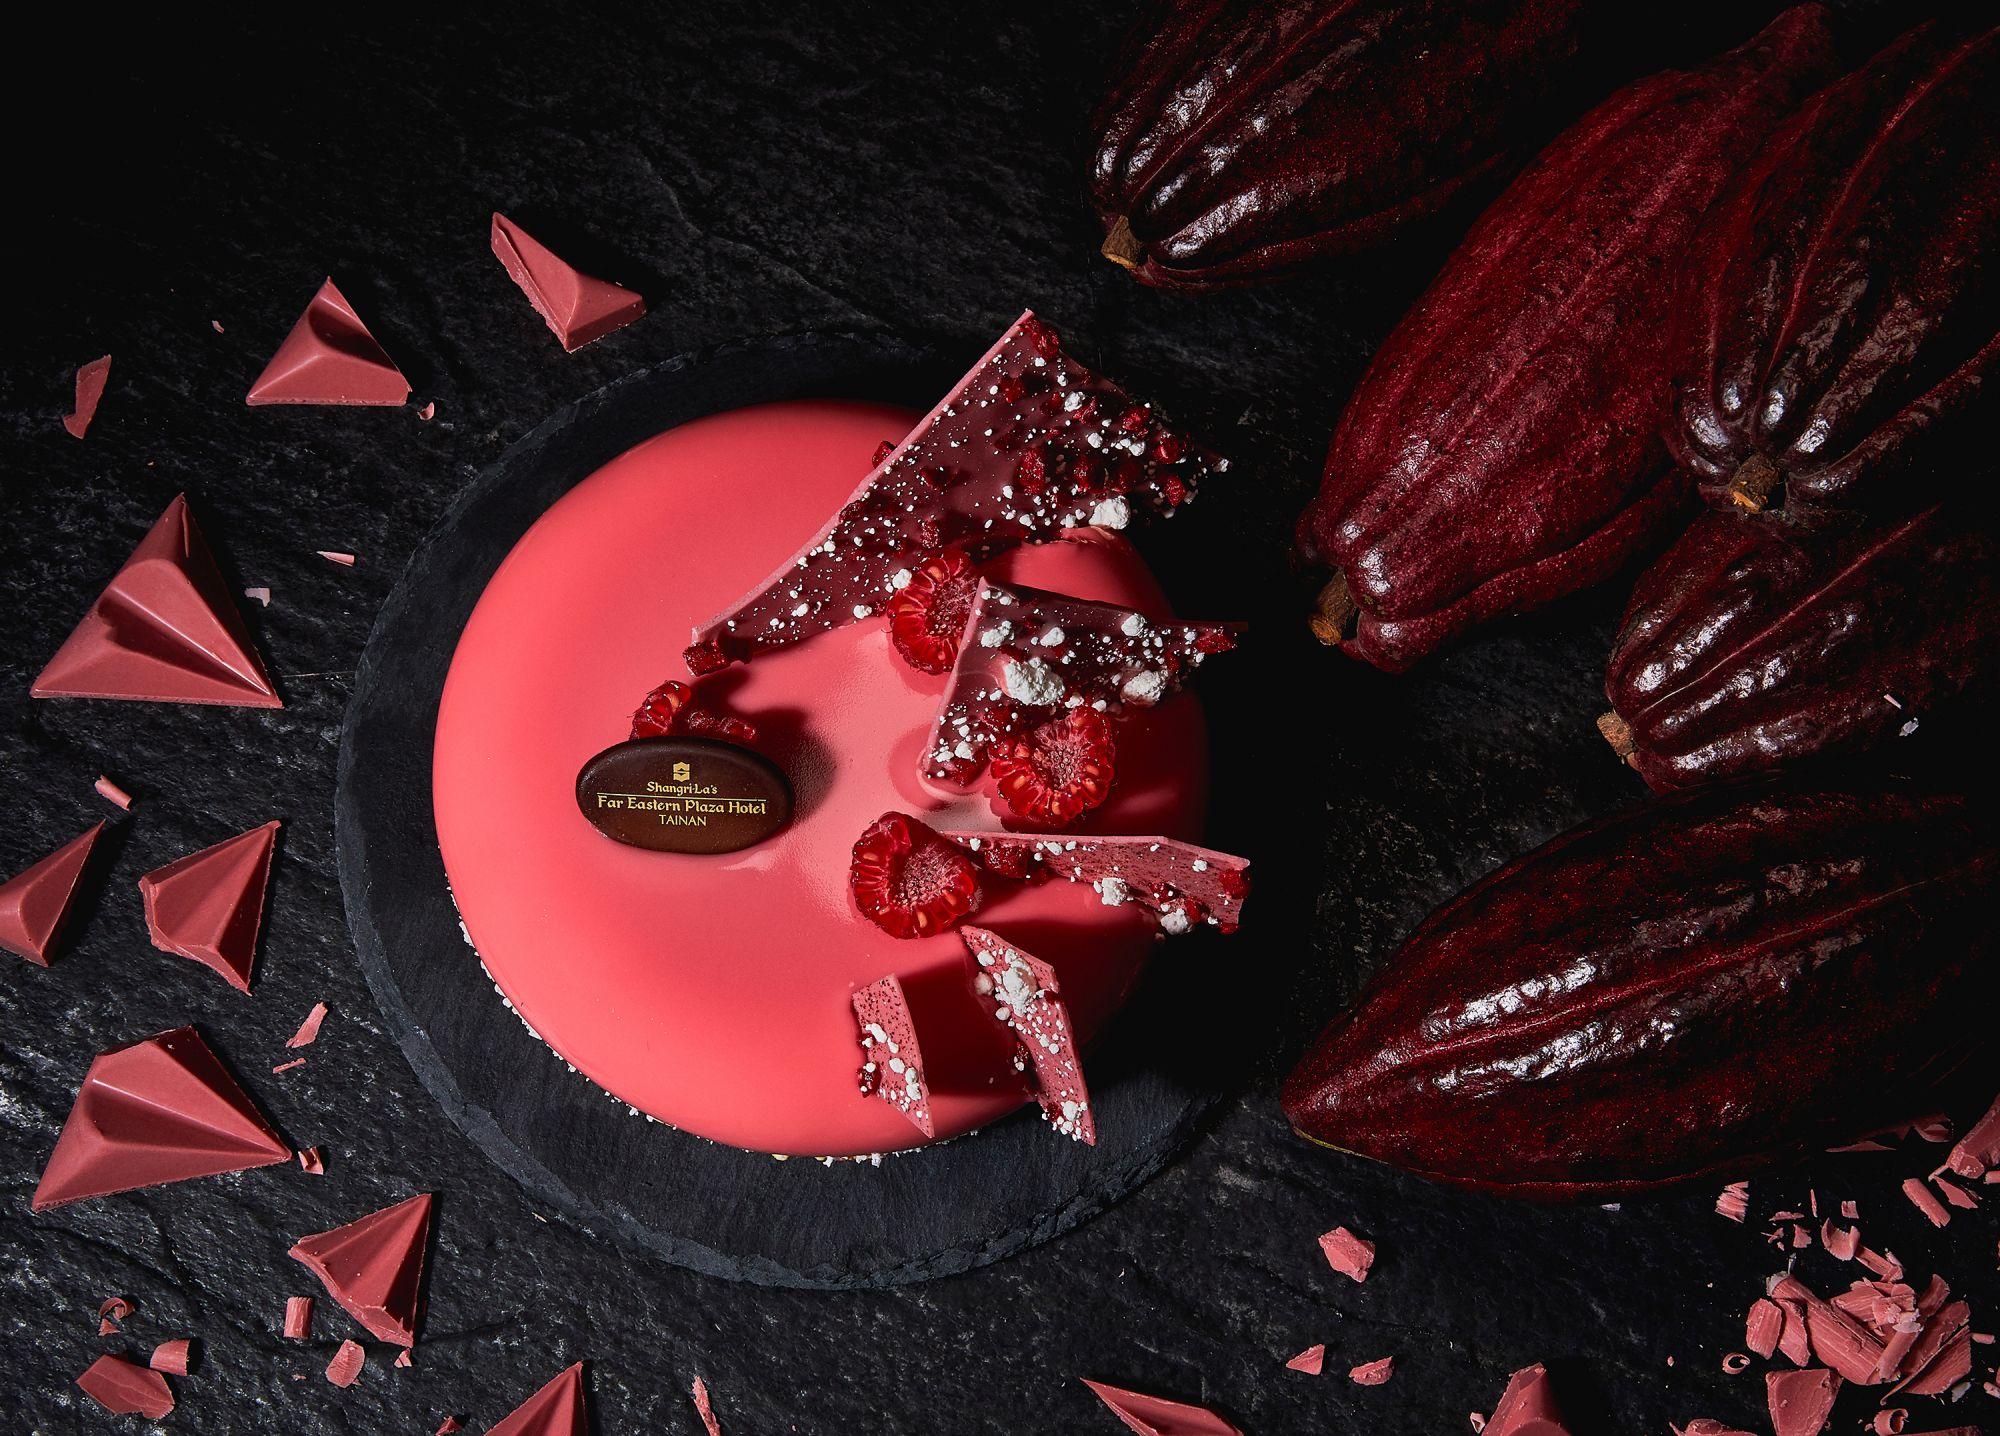 前所未見的天然粉紅色澤與莓果香氣!香格里拉台南遠東精心呈現「紅寶石巧克力」創意甜點